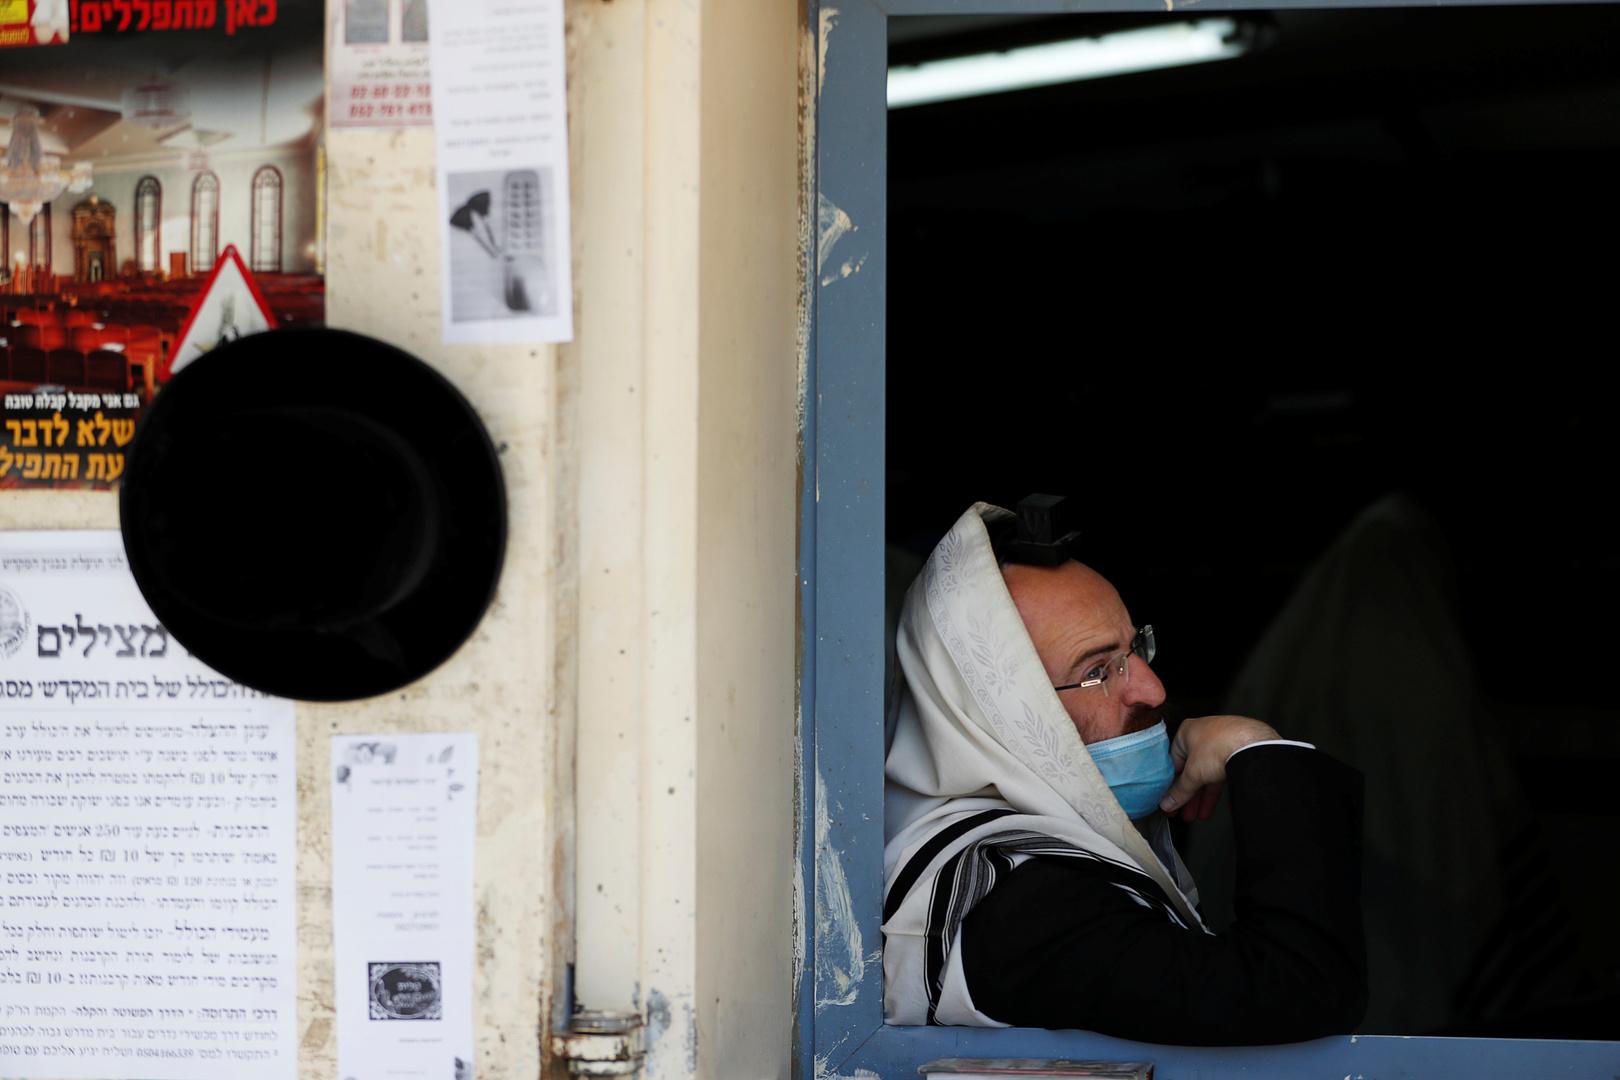 مع اقتراب إصابات كورونا اليومية من الـ2000.. إسرائيل تدخل